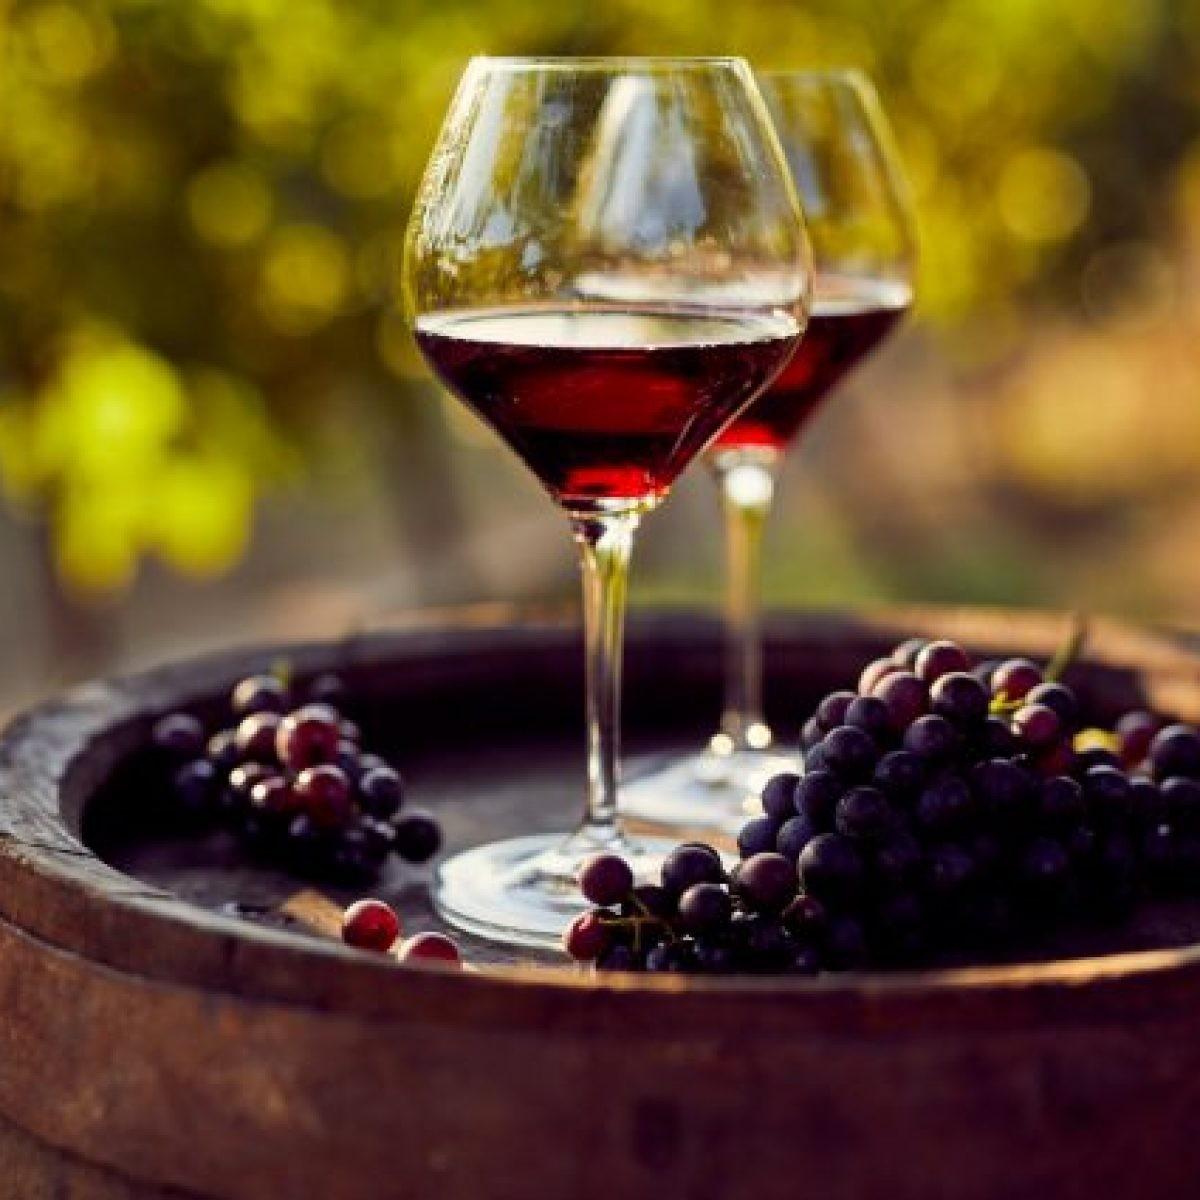 A Sestri Levante! Degustazione di vino con tagliere di formaggio e salumi e visita alla cantina per 2  persone alla Cantina degli Abissi a soli 19,90!